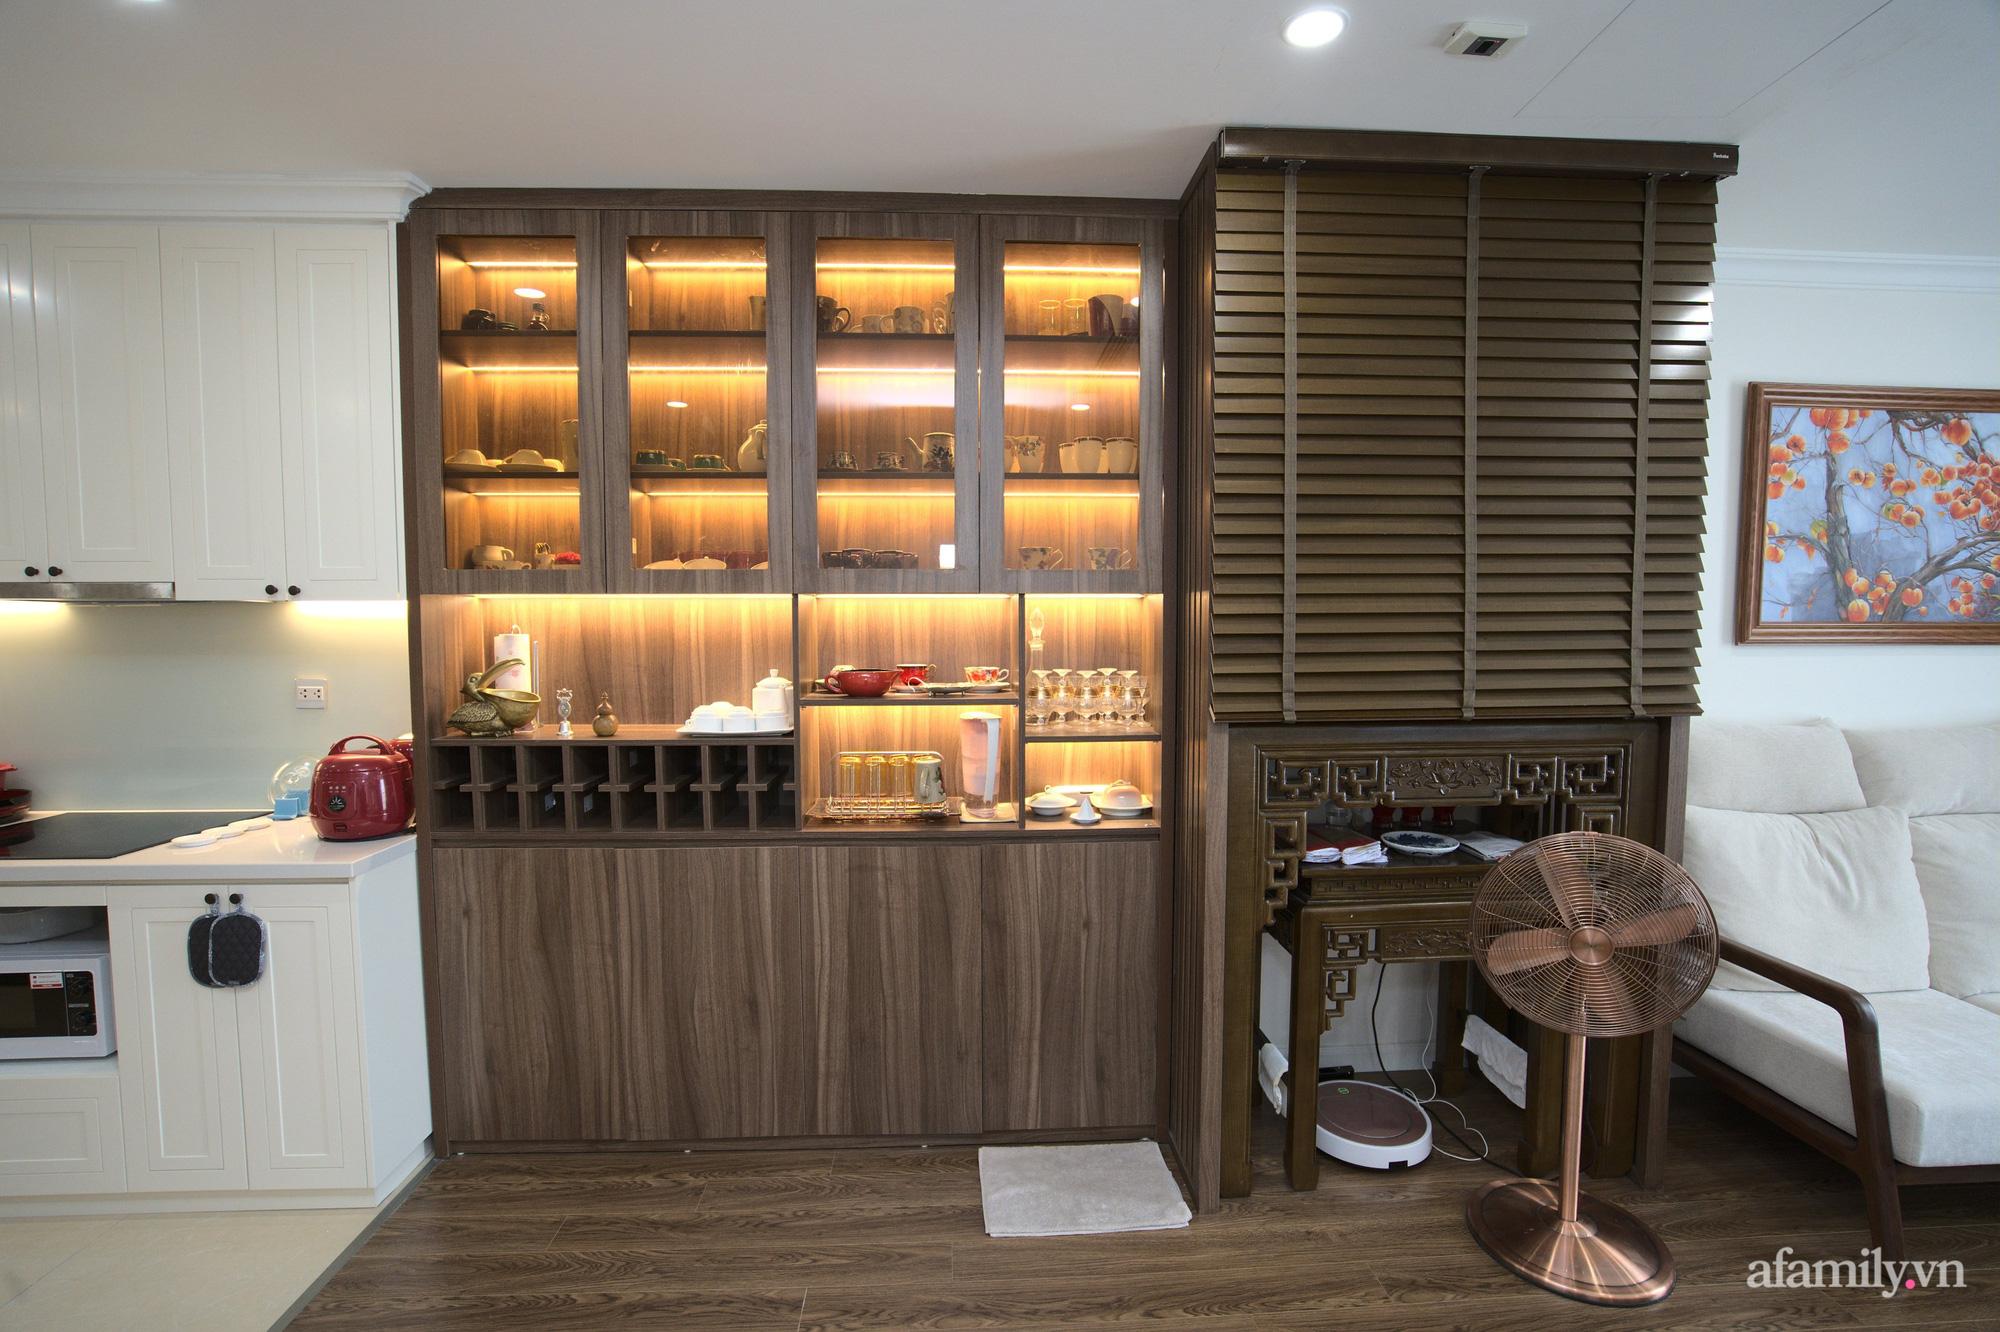 Căn hộ 107m2 đẹp sang trọng với nội thất màu gỗ óc chó có chi phí hoàn thiện 150 triệu đồng ở Hà Nội - Ảnh 11.